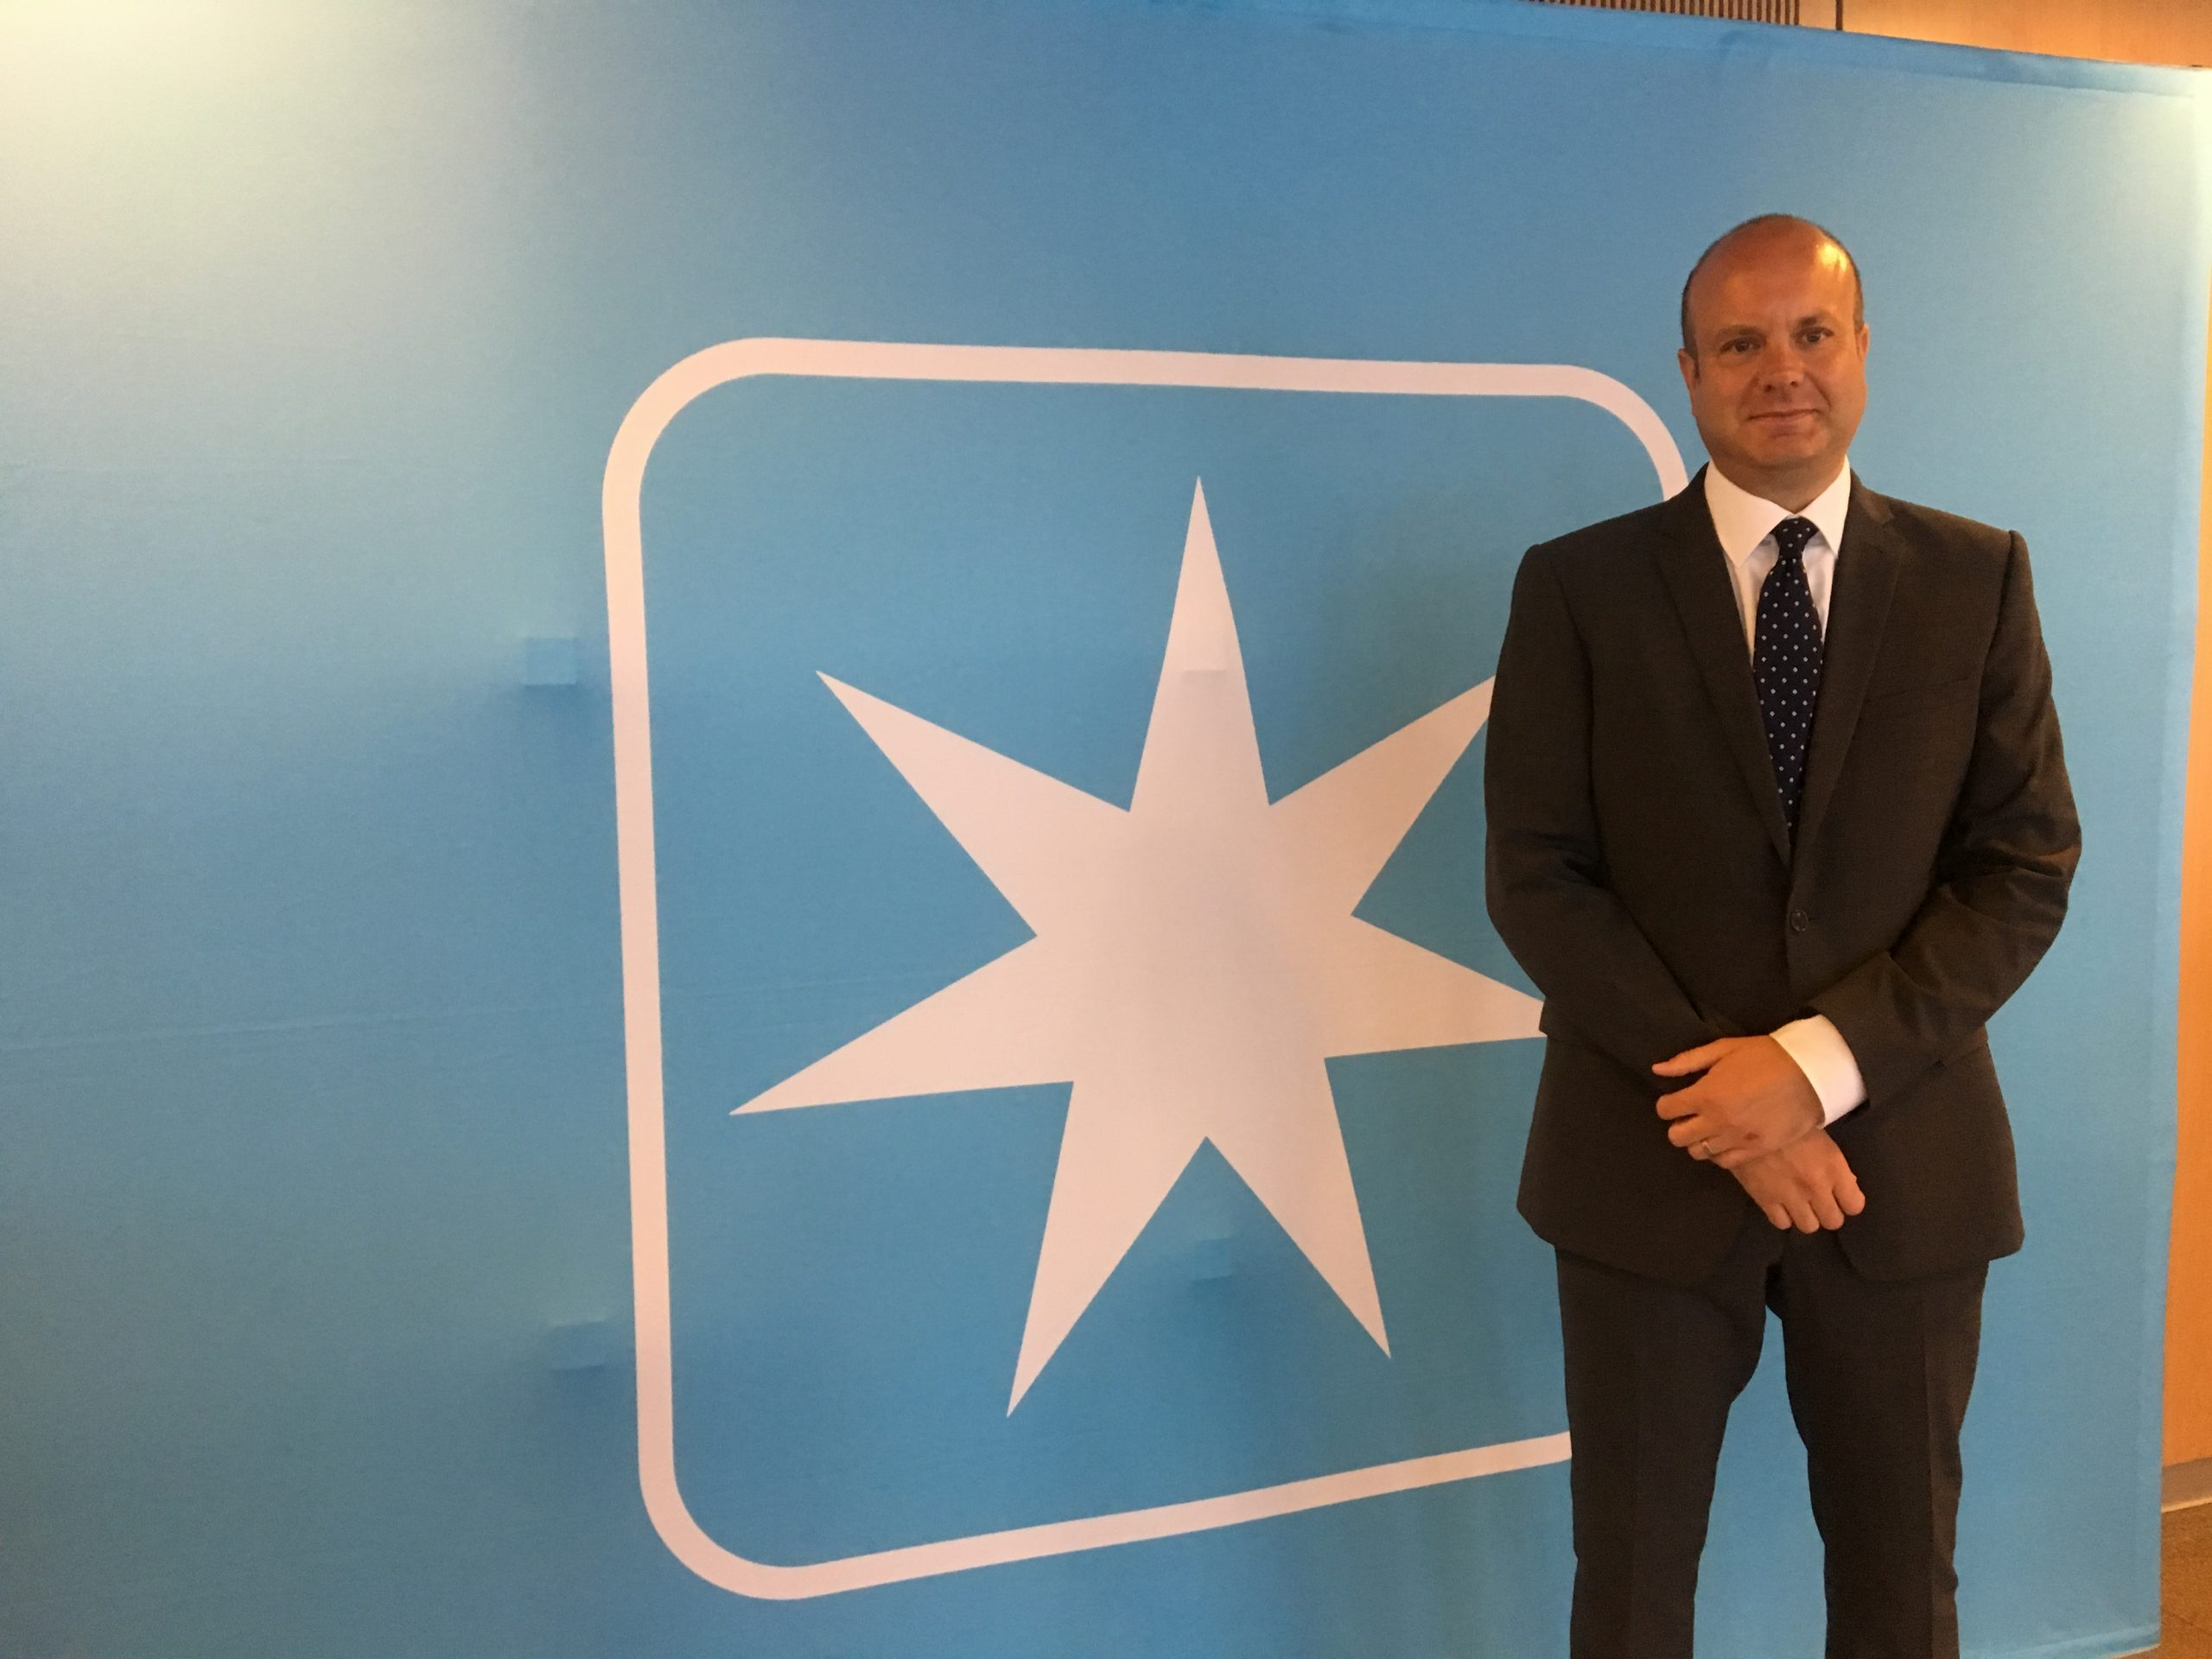 Tom Rathbone har netop forladt jobbet som chef for Travel Management i A.P. Møller-Mærsk. Arkivfoto: Rikke Alber.